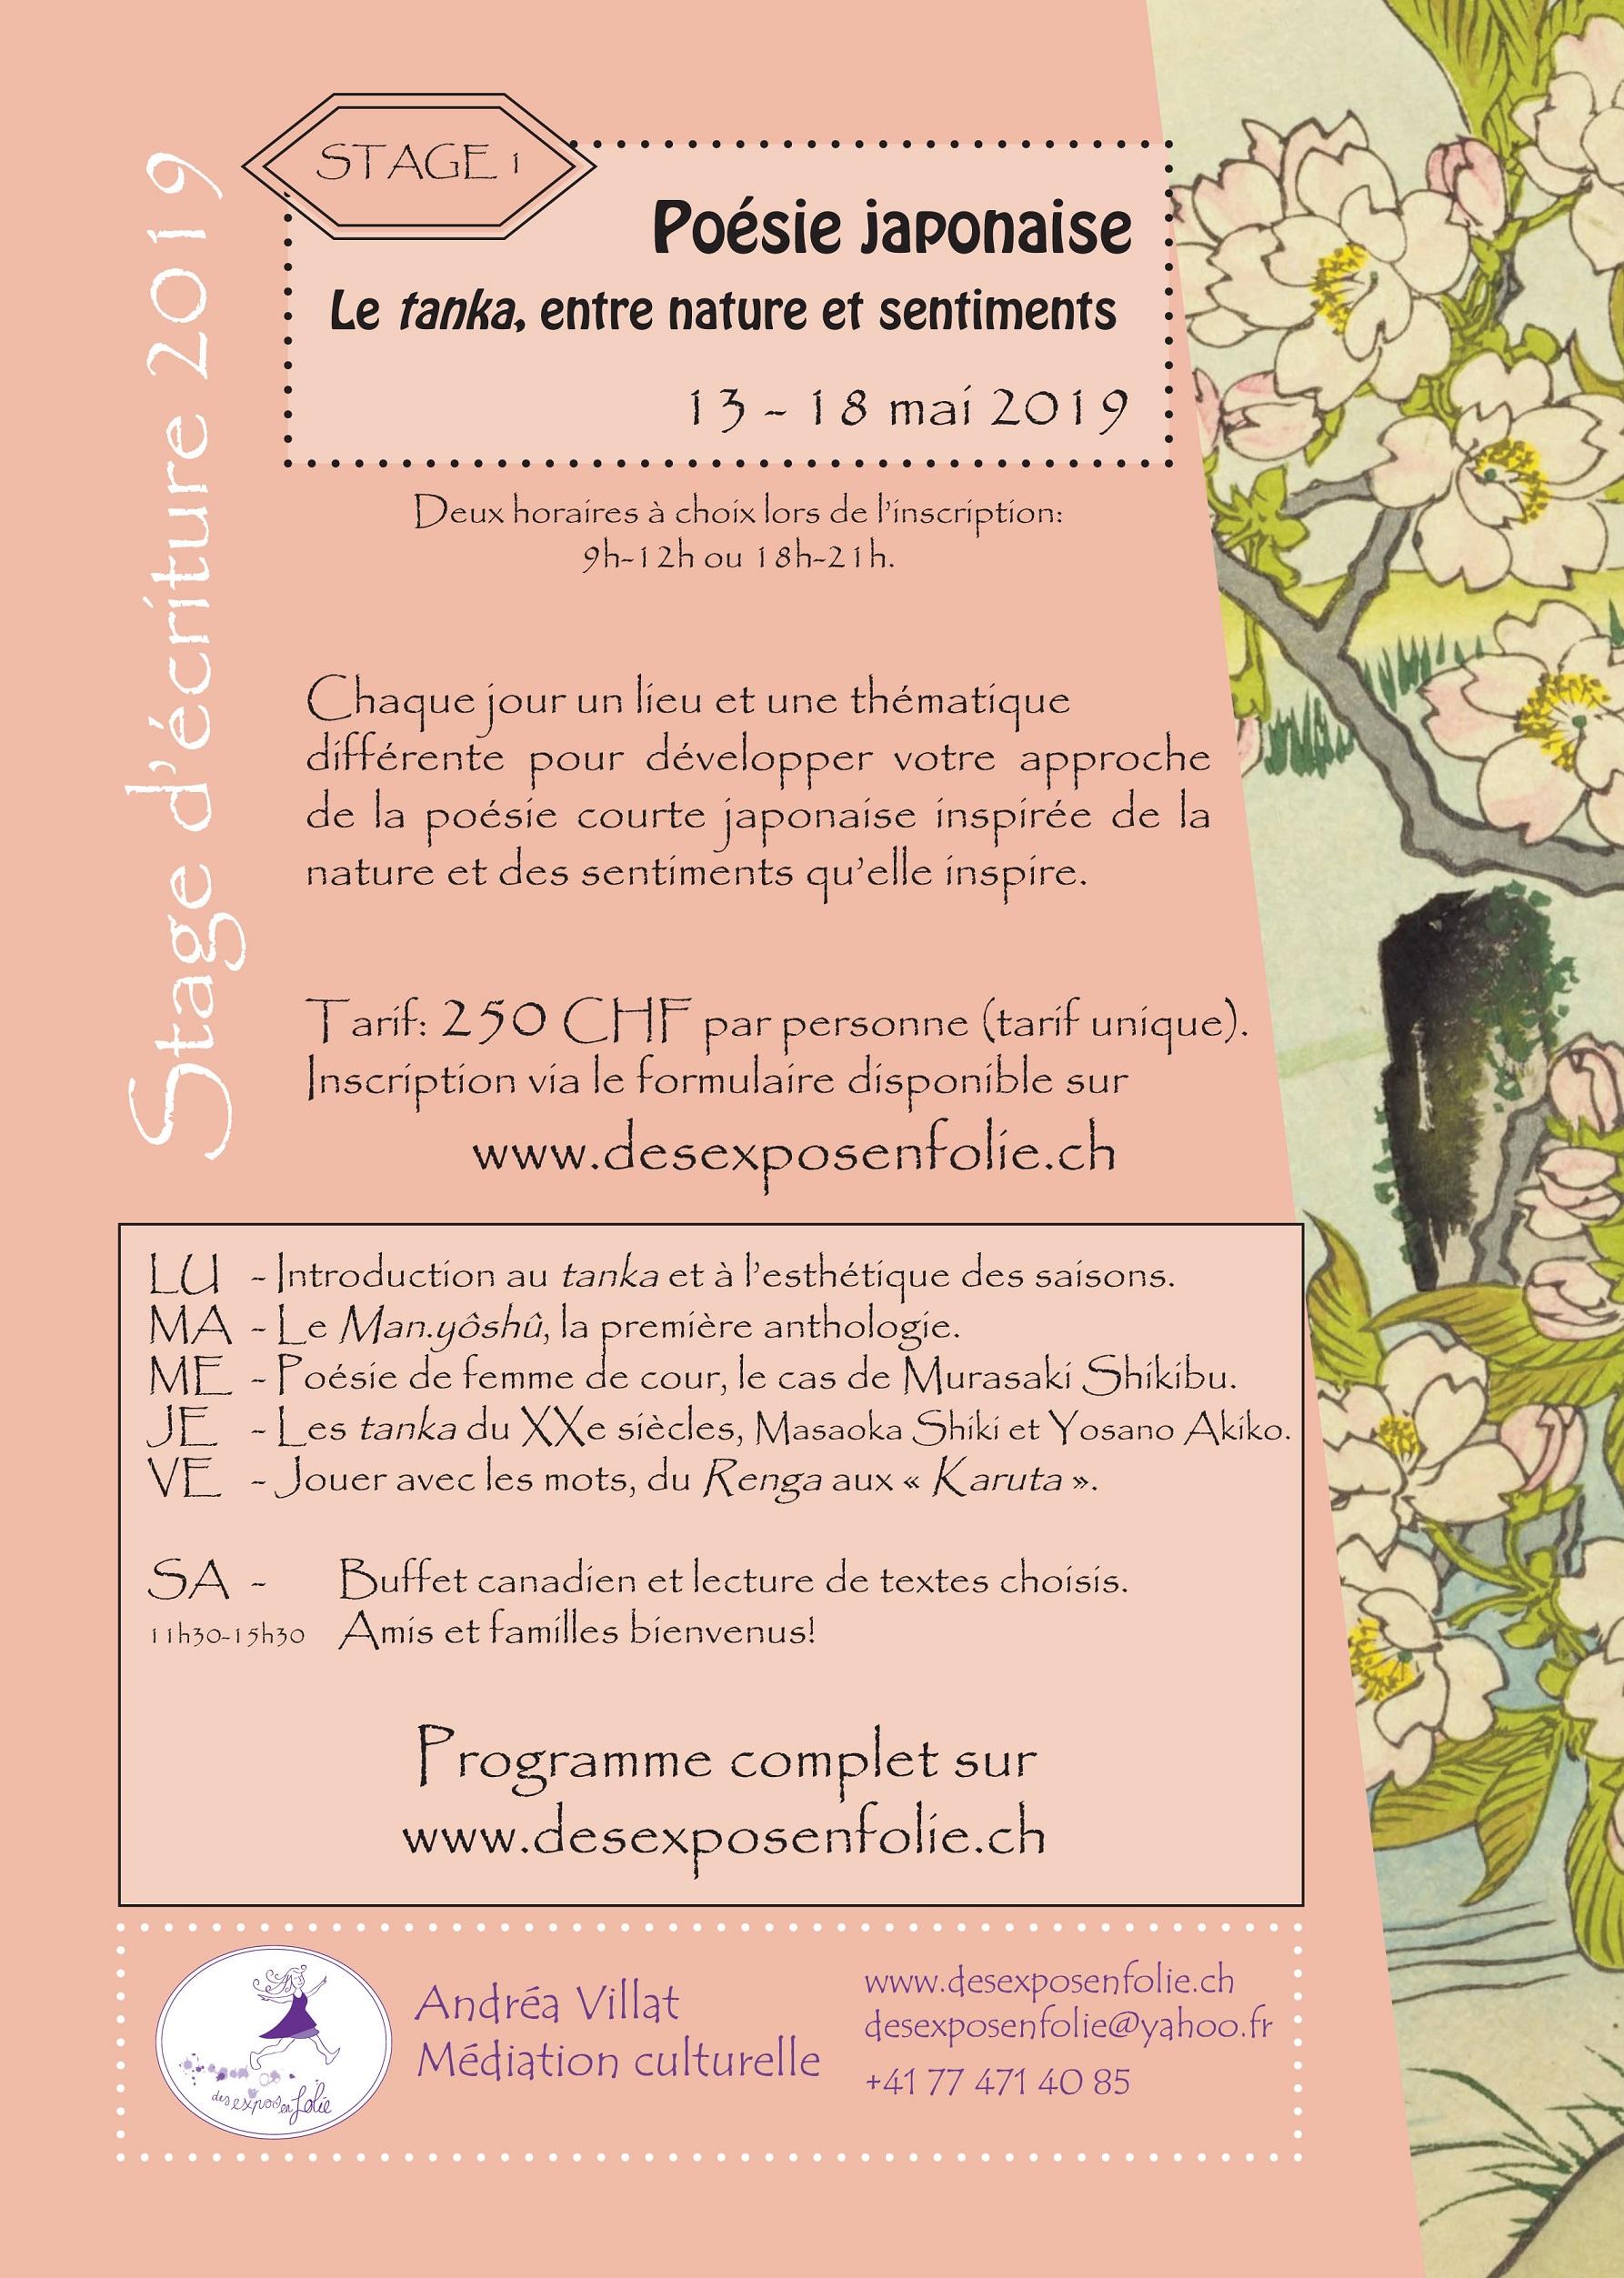 Stage d'écriture 1 – Le Tanka, entre nature et sentiments – 13 au 18 mai 2019